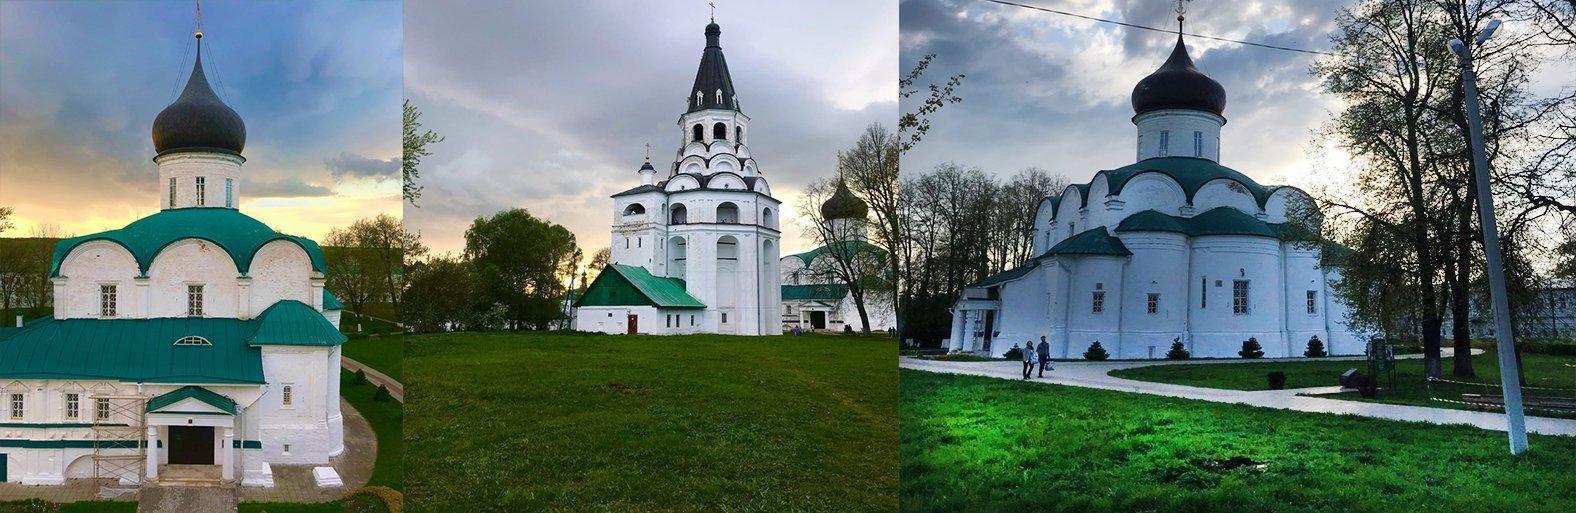 В «Ночь музеев» Александровскую Слободу посетило примерно 2000 человек